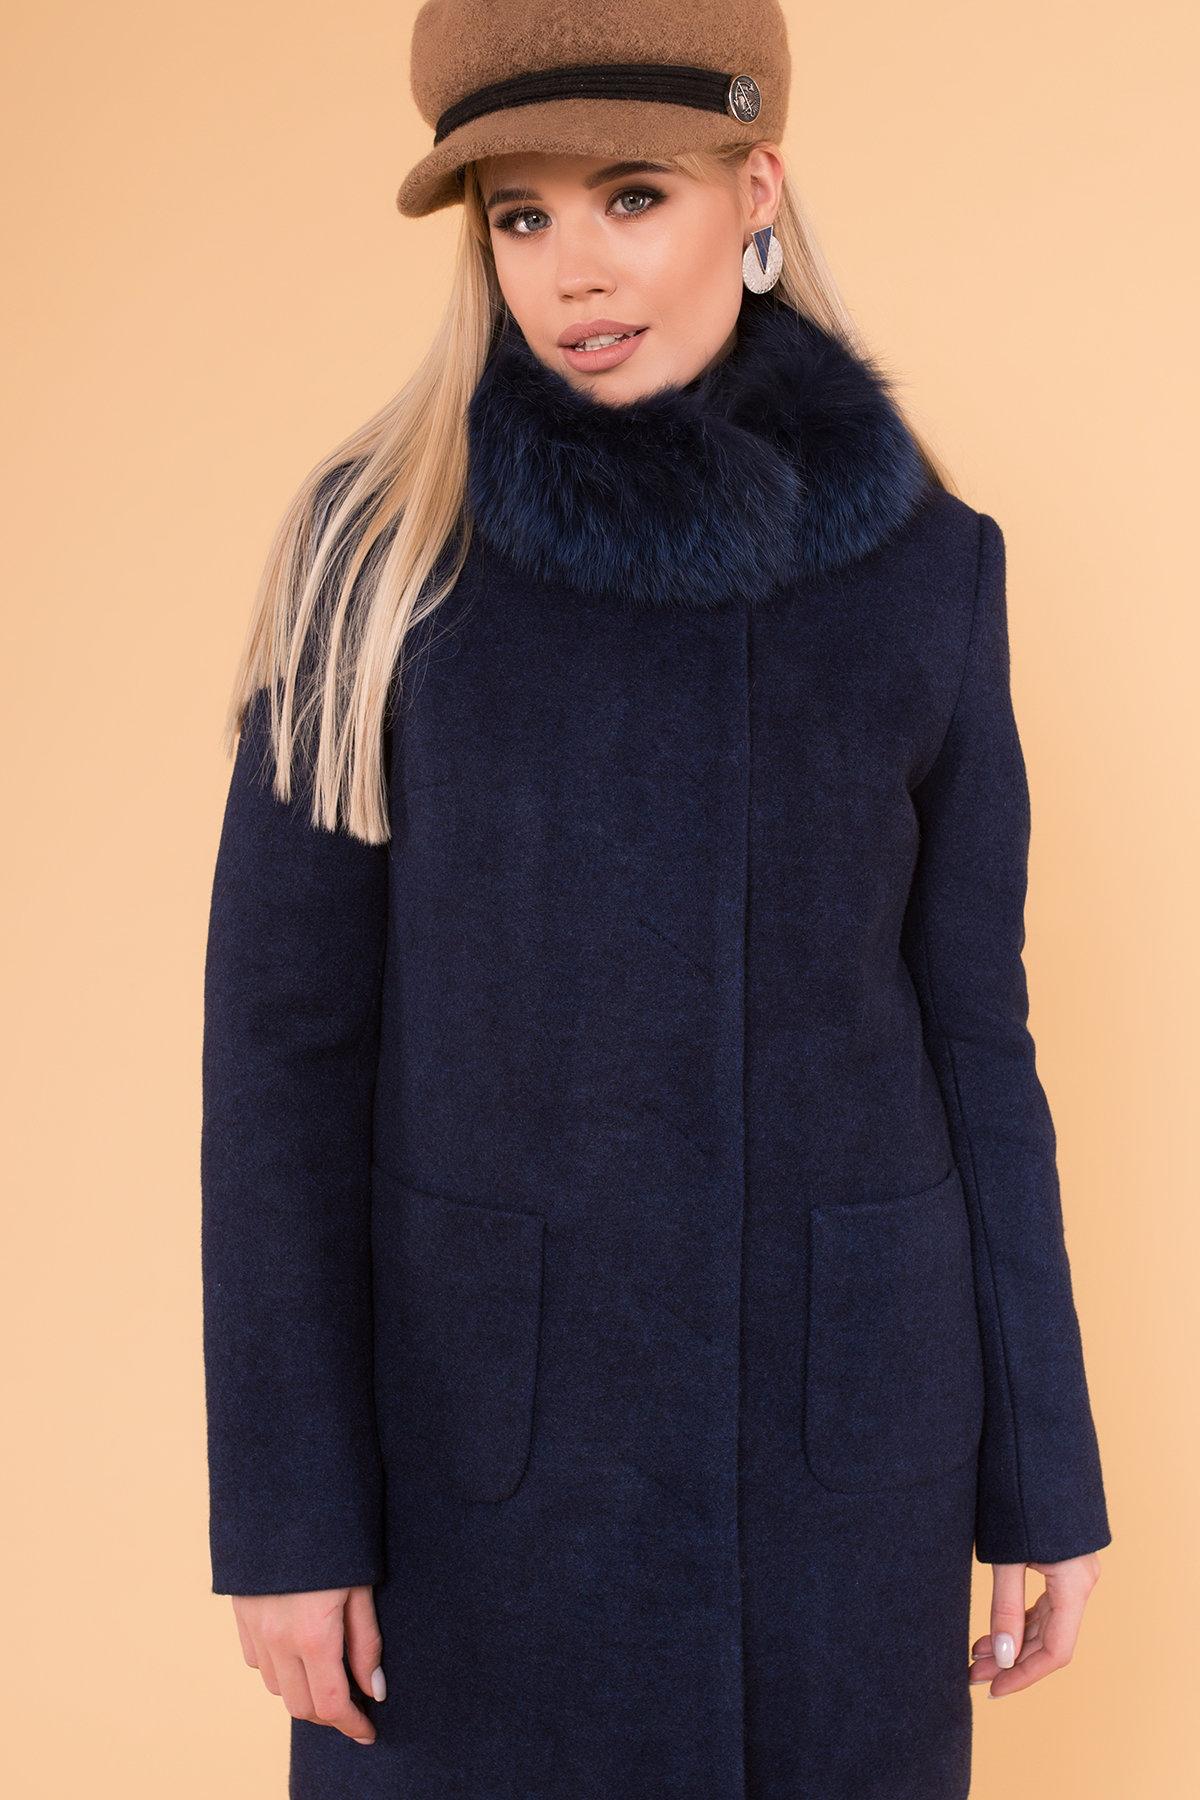 Пальто зима Мелини 5967 АРТ. 40569 Цвет: Т.синий 17 - фото 4, интернет магазин tm-modus.ru